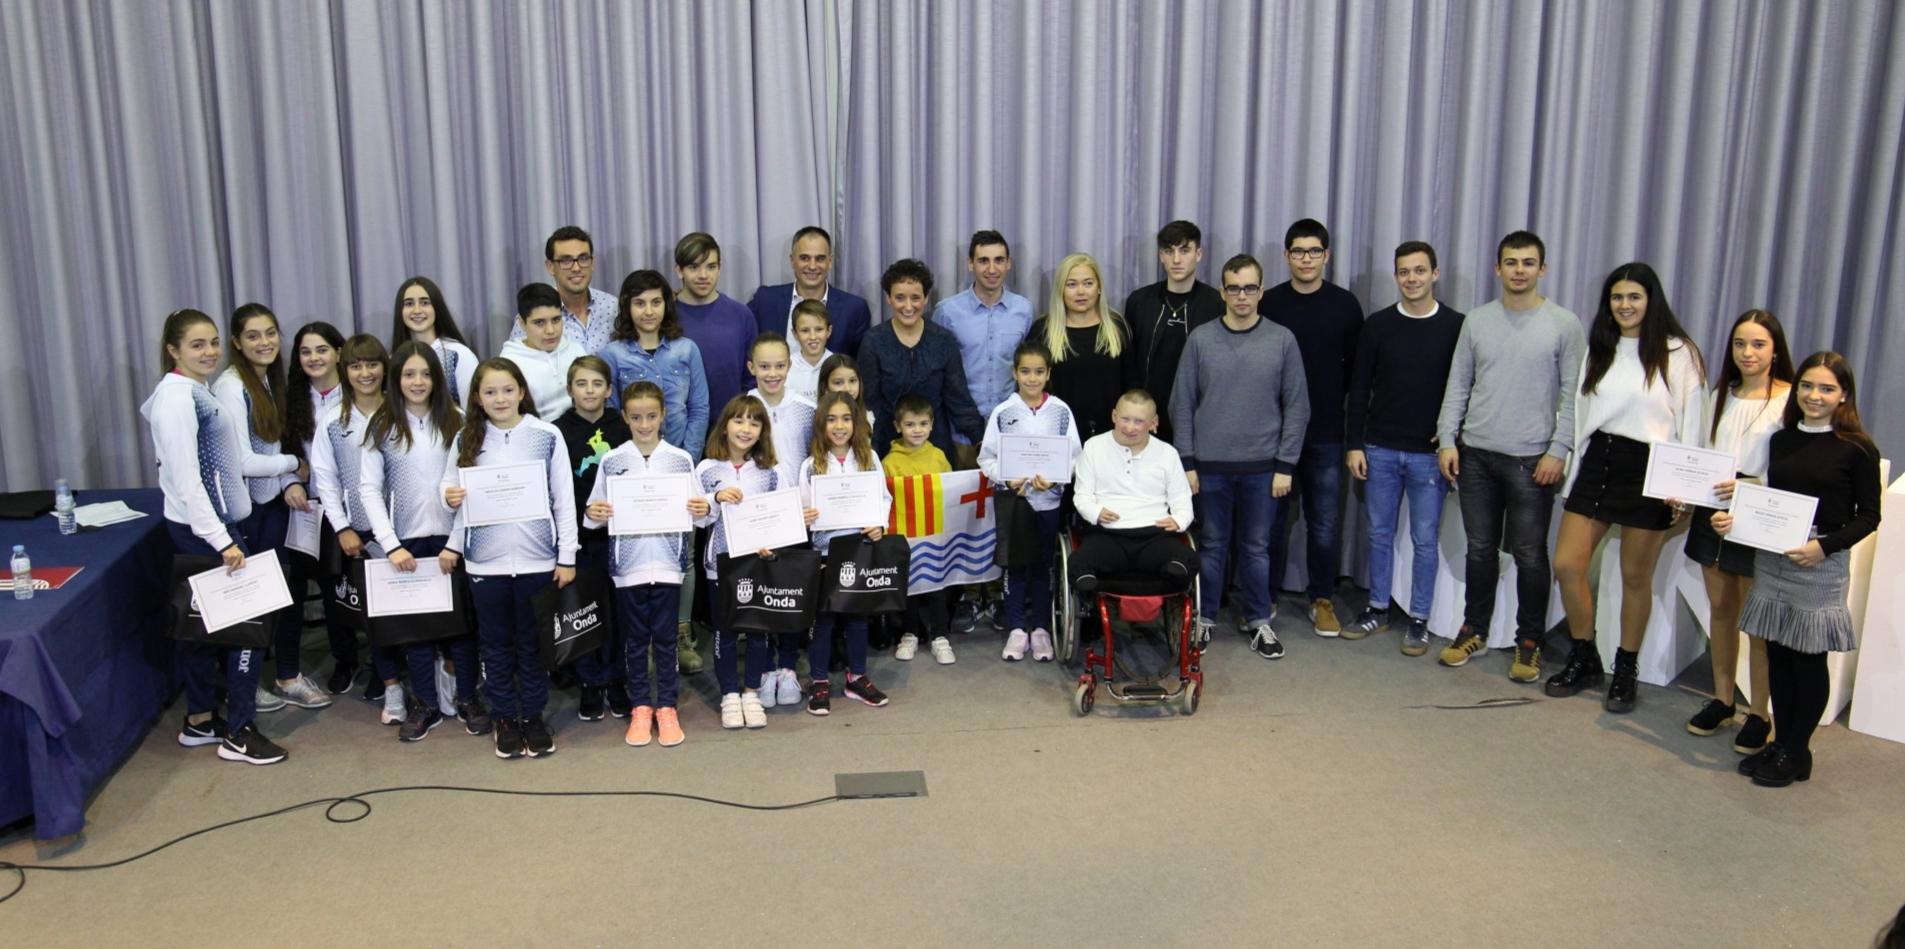 Onda ayuda con 12.000 euros a 41 deportistas de élite y jóvenes promesas locales